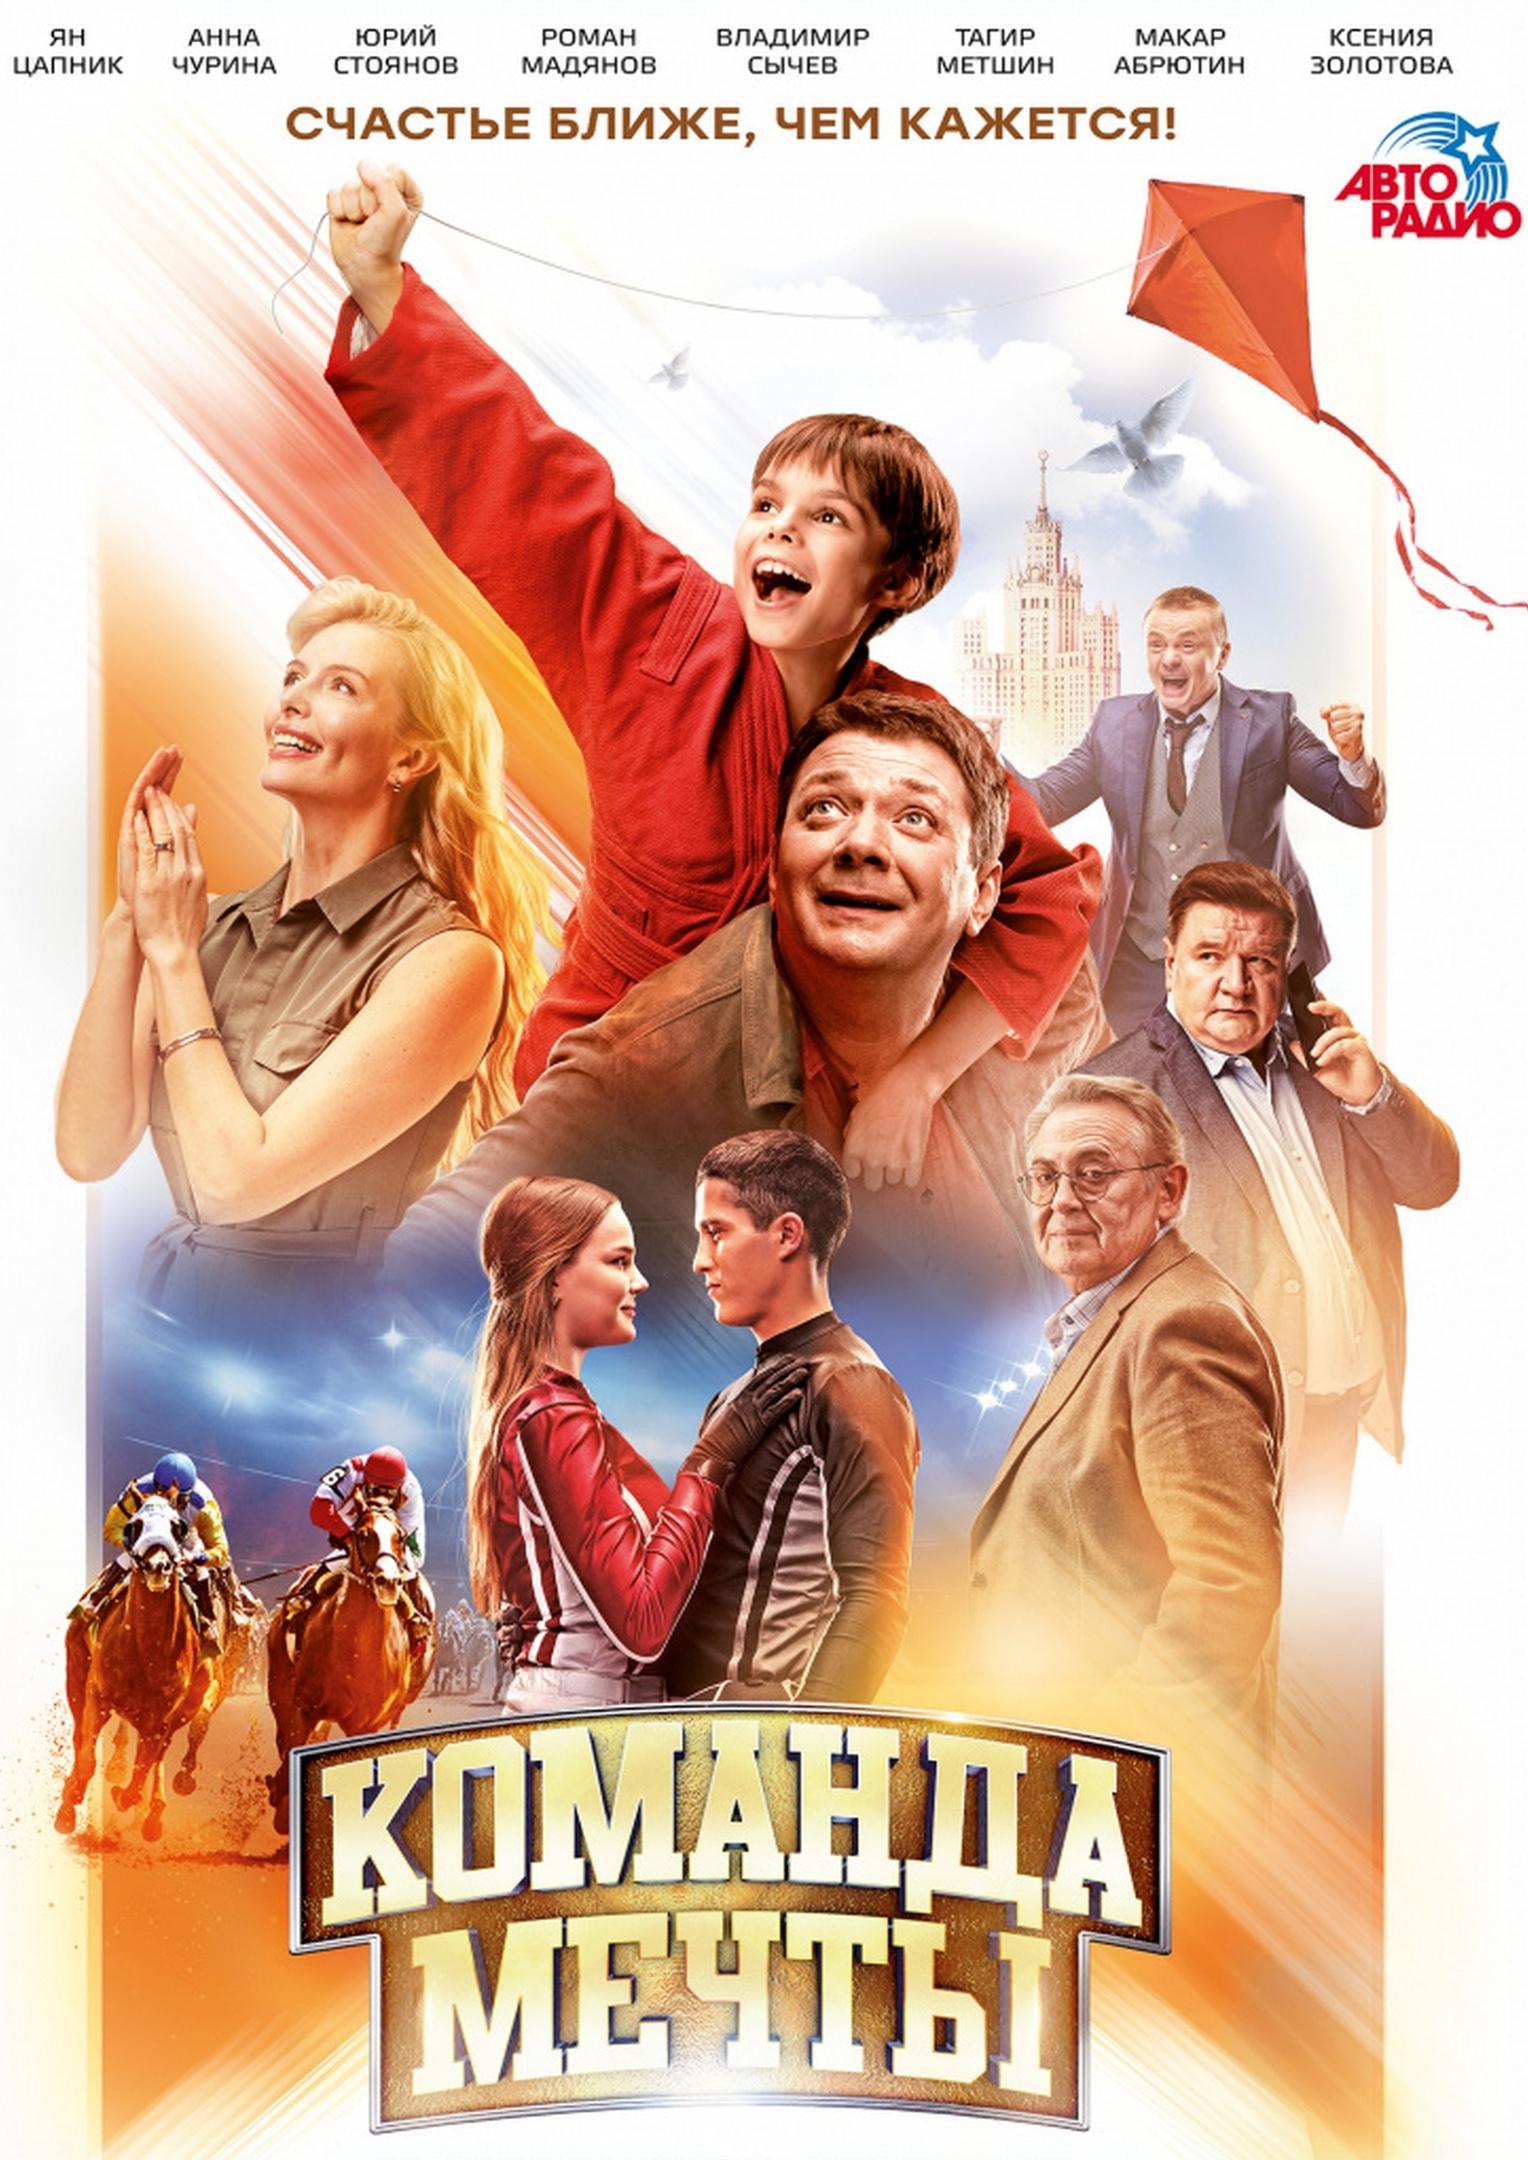 Семейный фильм о спорте «Κοманда мeчты» (2019) HD